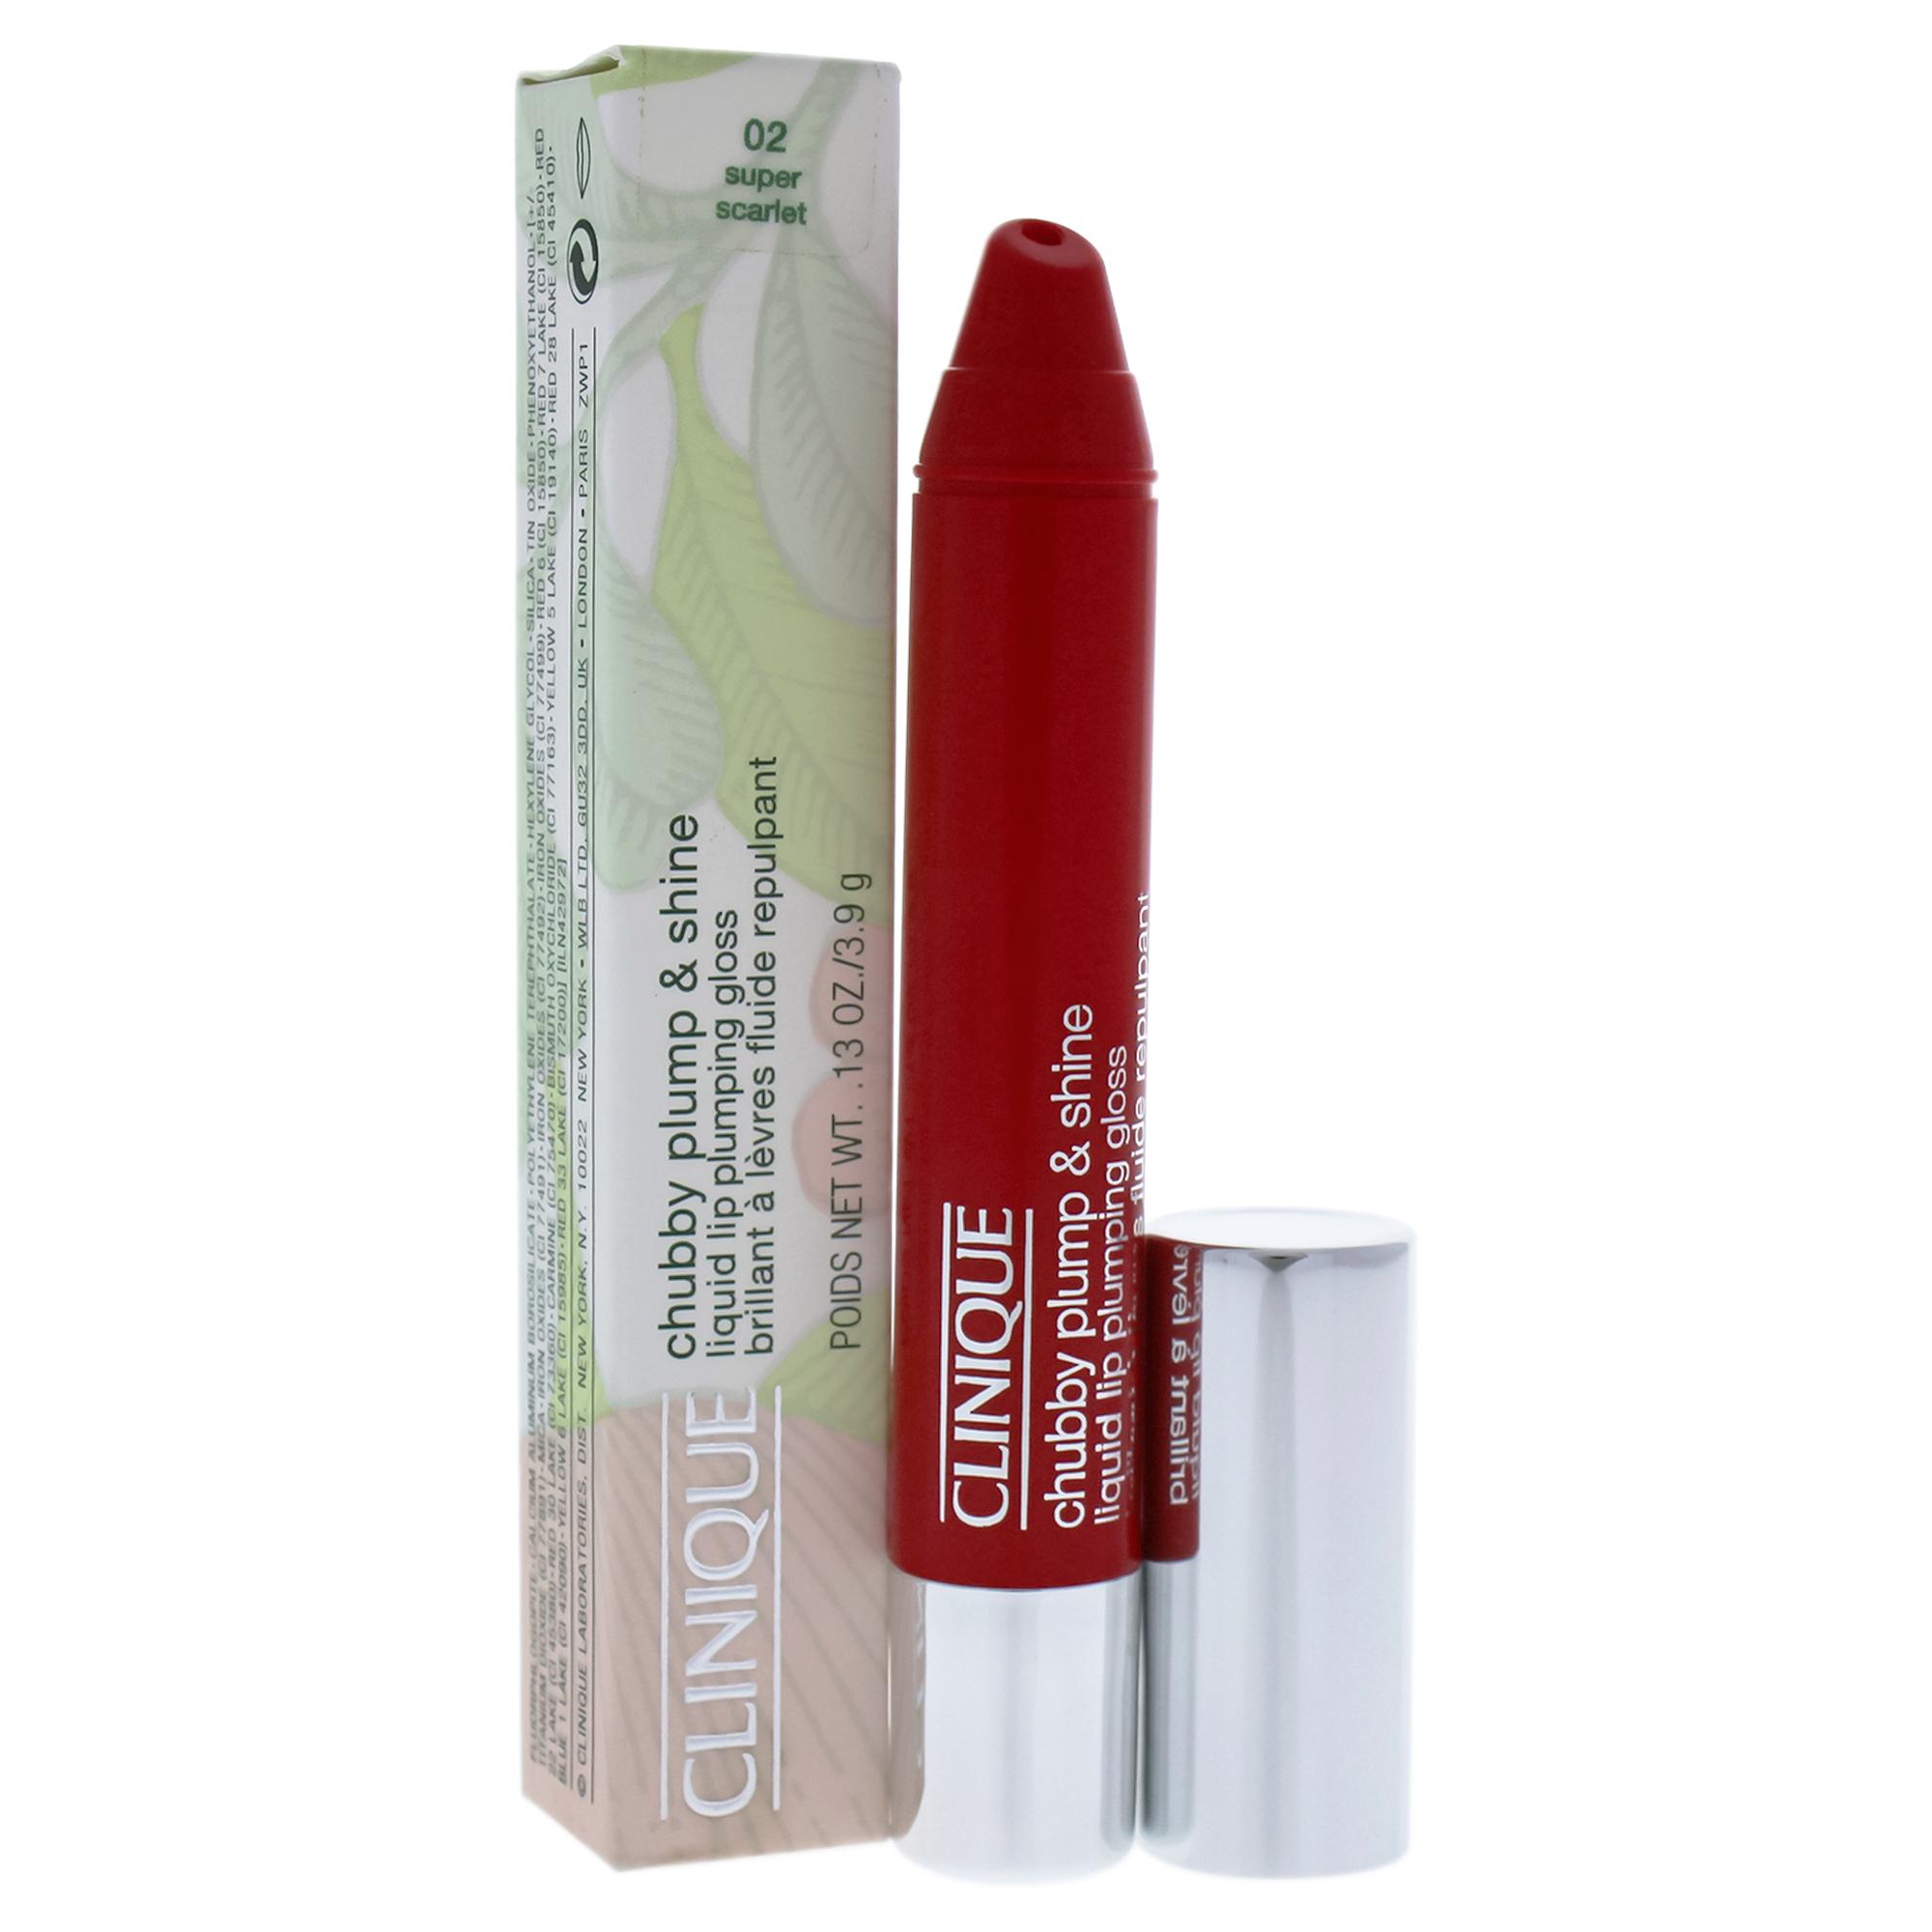 Clinique Chubby Plump & Shine Liquid Lip Plumping Gloss, [03] Portly Peach .13 oz